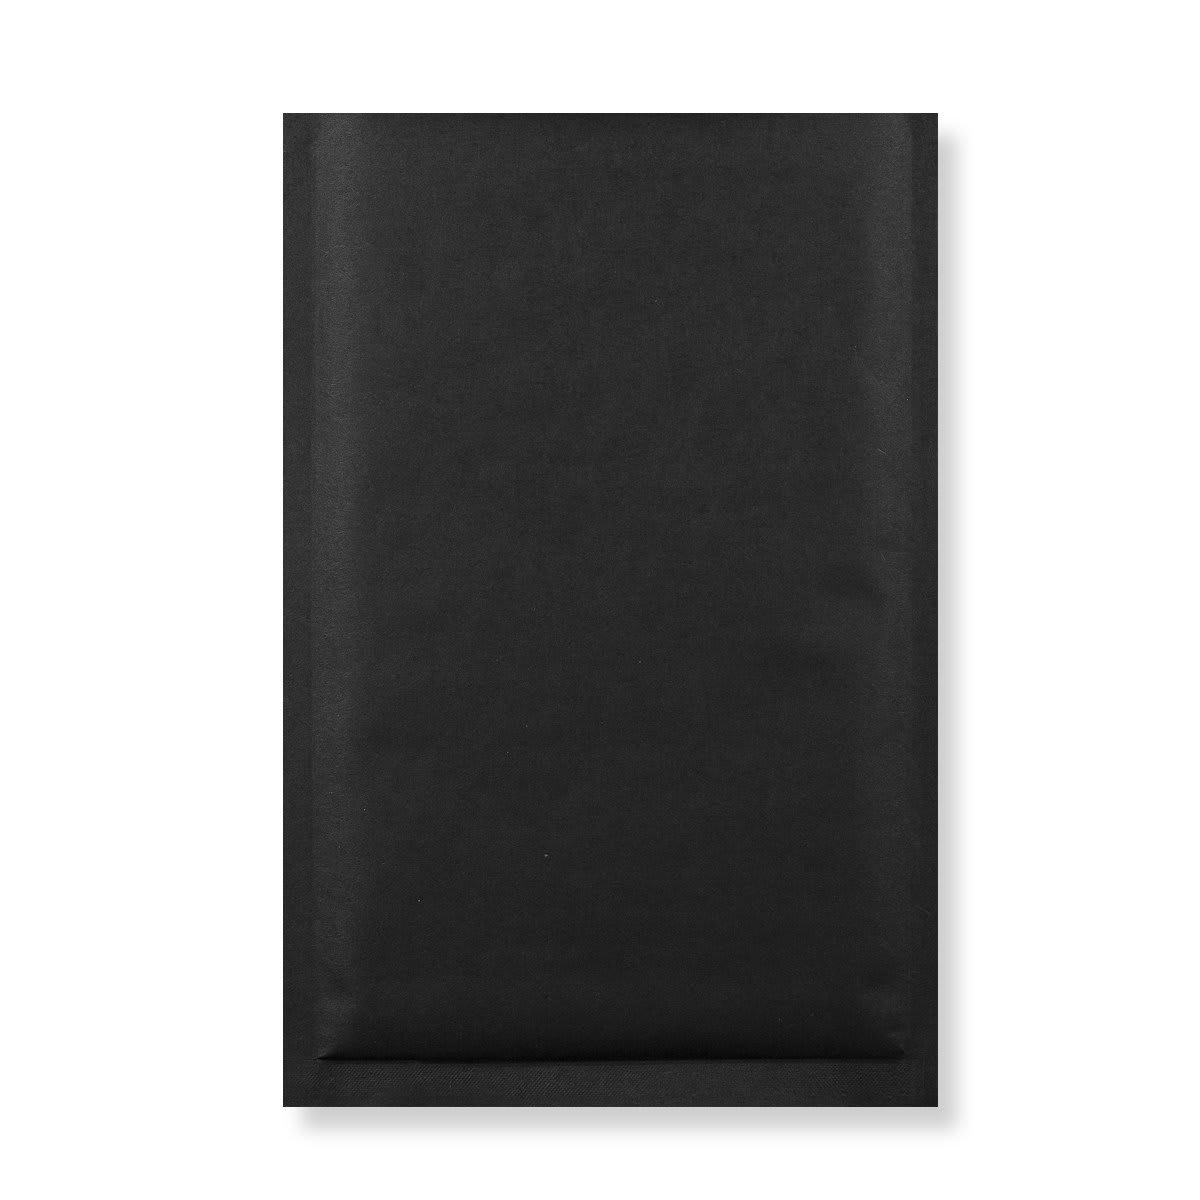 C5 + BLACK PADDED BUBBLE ENVELOPES (250 x 180MM)